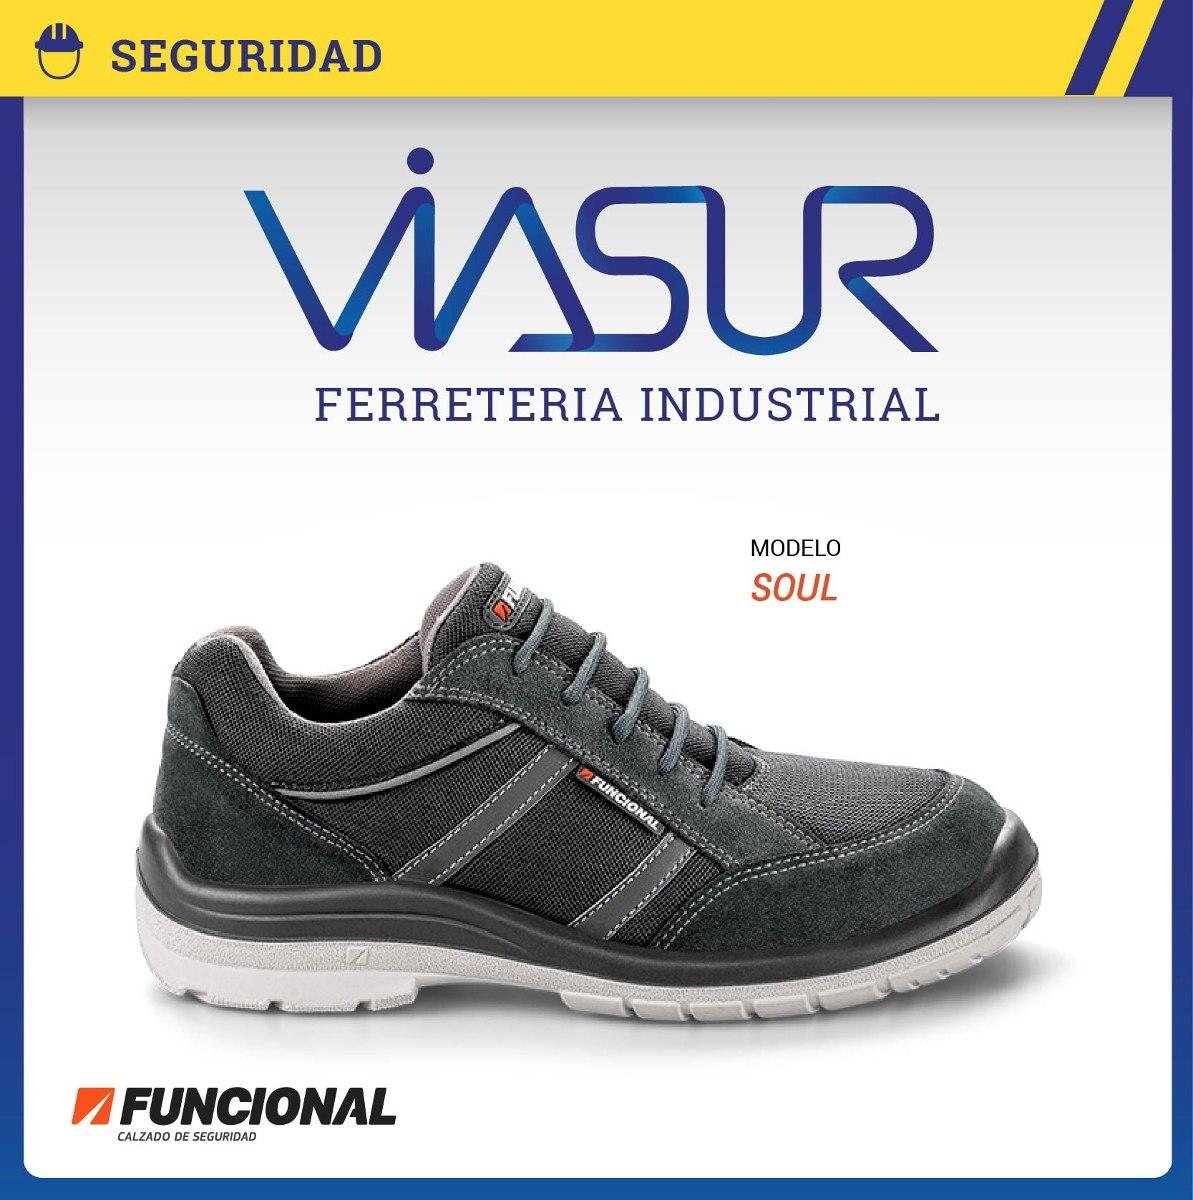 ead1f7efdee02 calzado zapatilla de seguridad funcional ultraliviano soul. Cargando zoom.